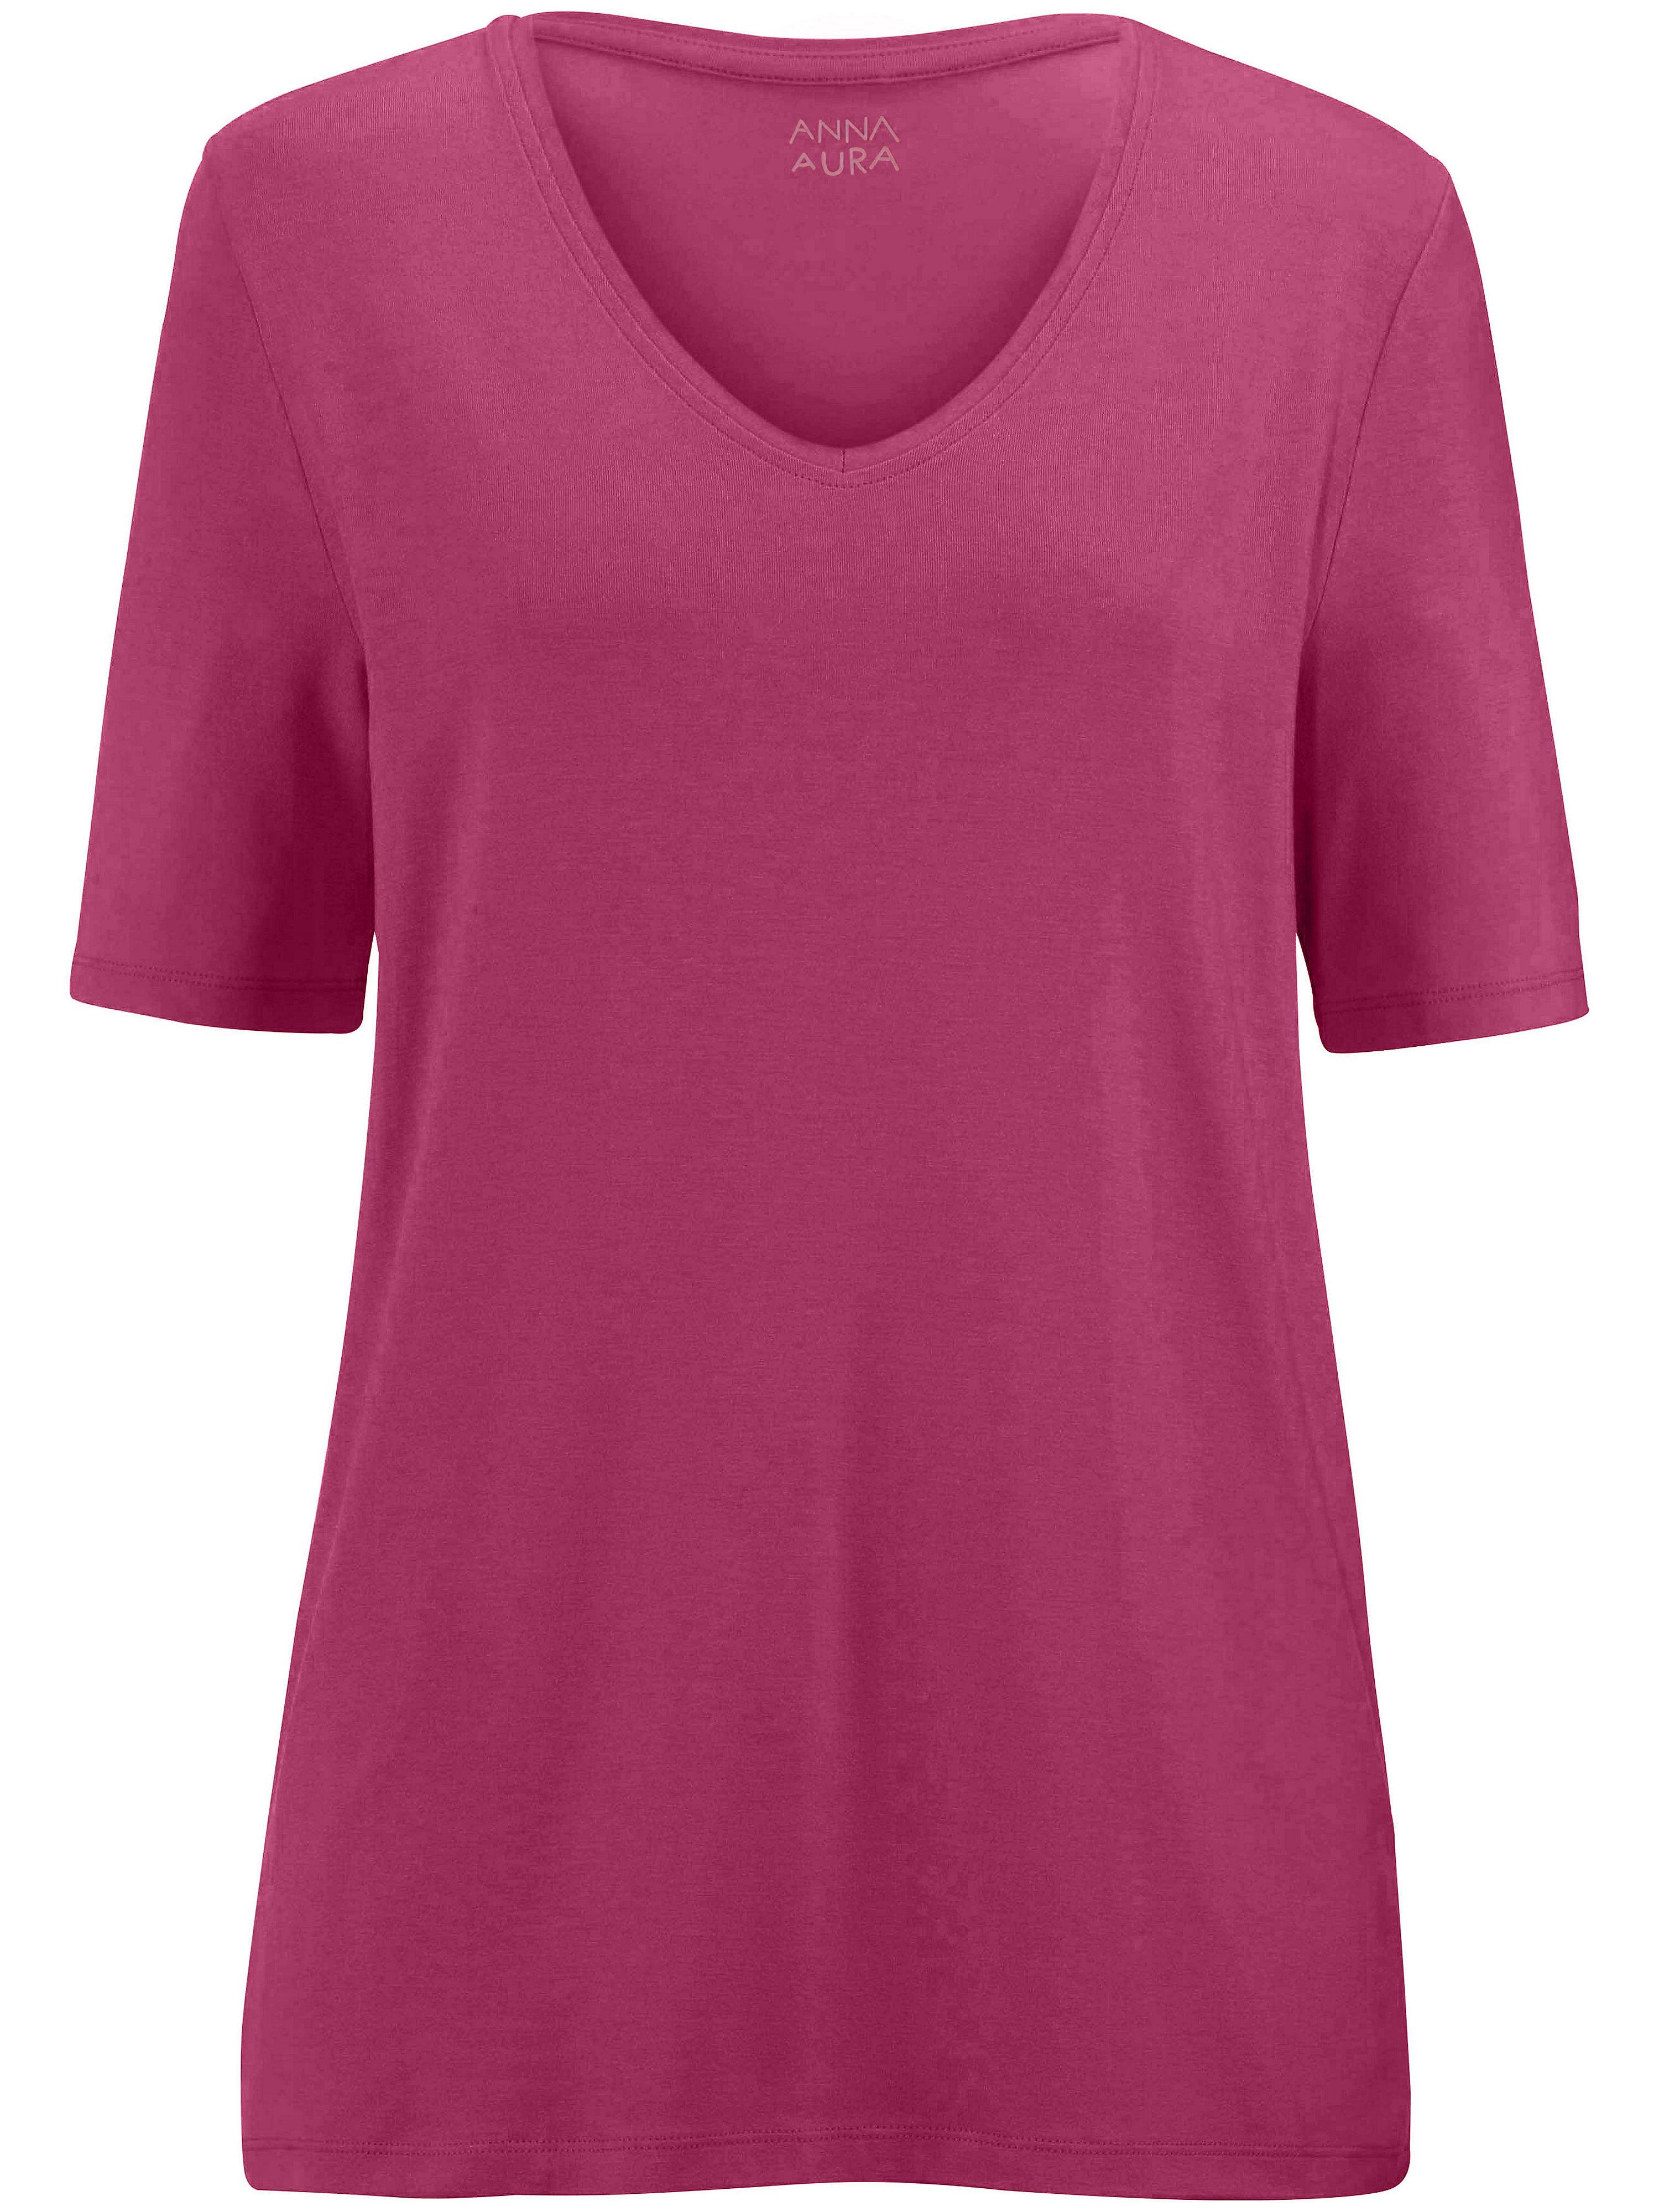 V-Shirt Anna Aura rosé | Bekleidung > Shirts > V-Shirts | Viskose | Anna Aura